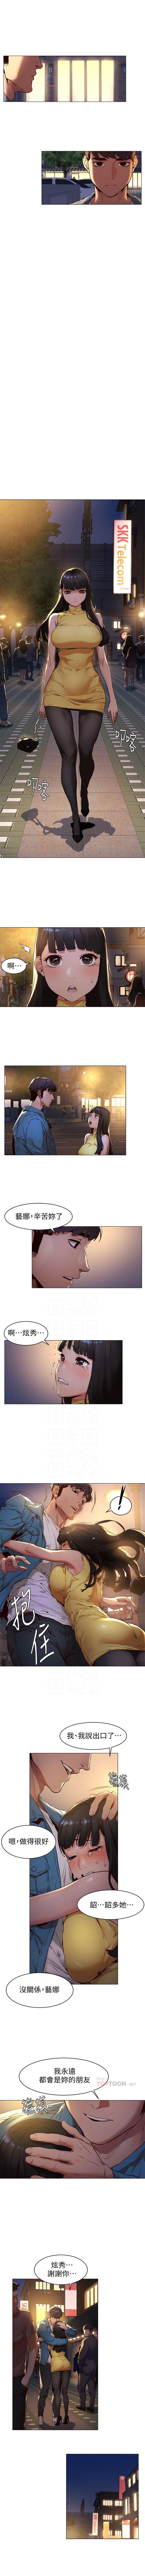 衝突 1-100官方中文(連載中) 393